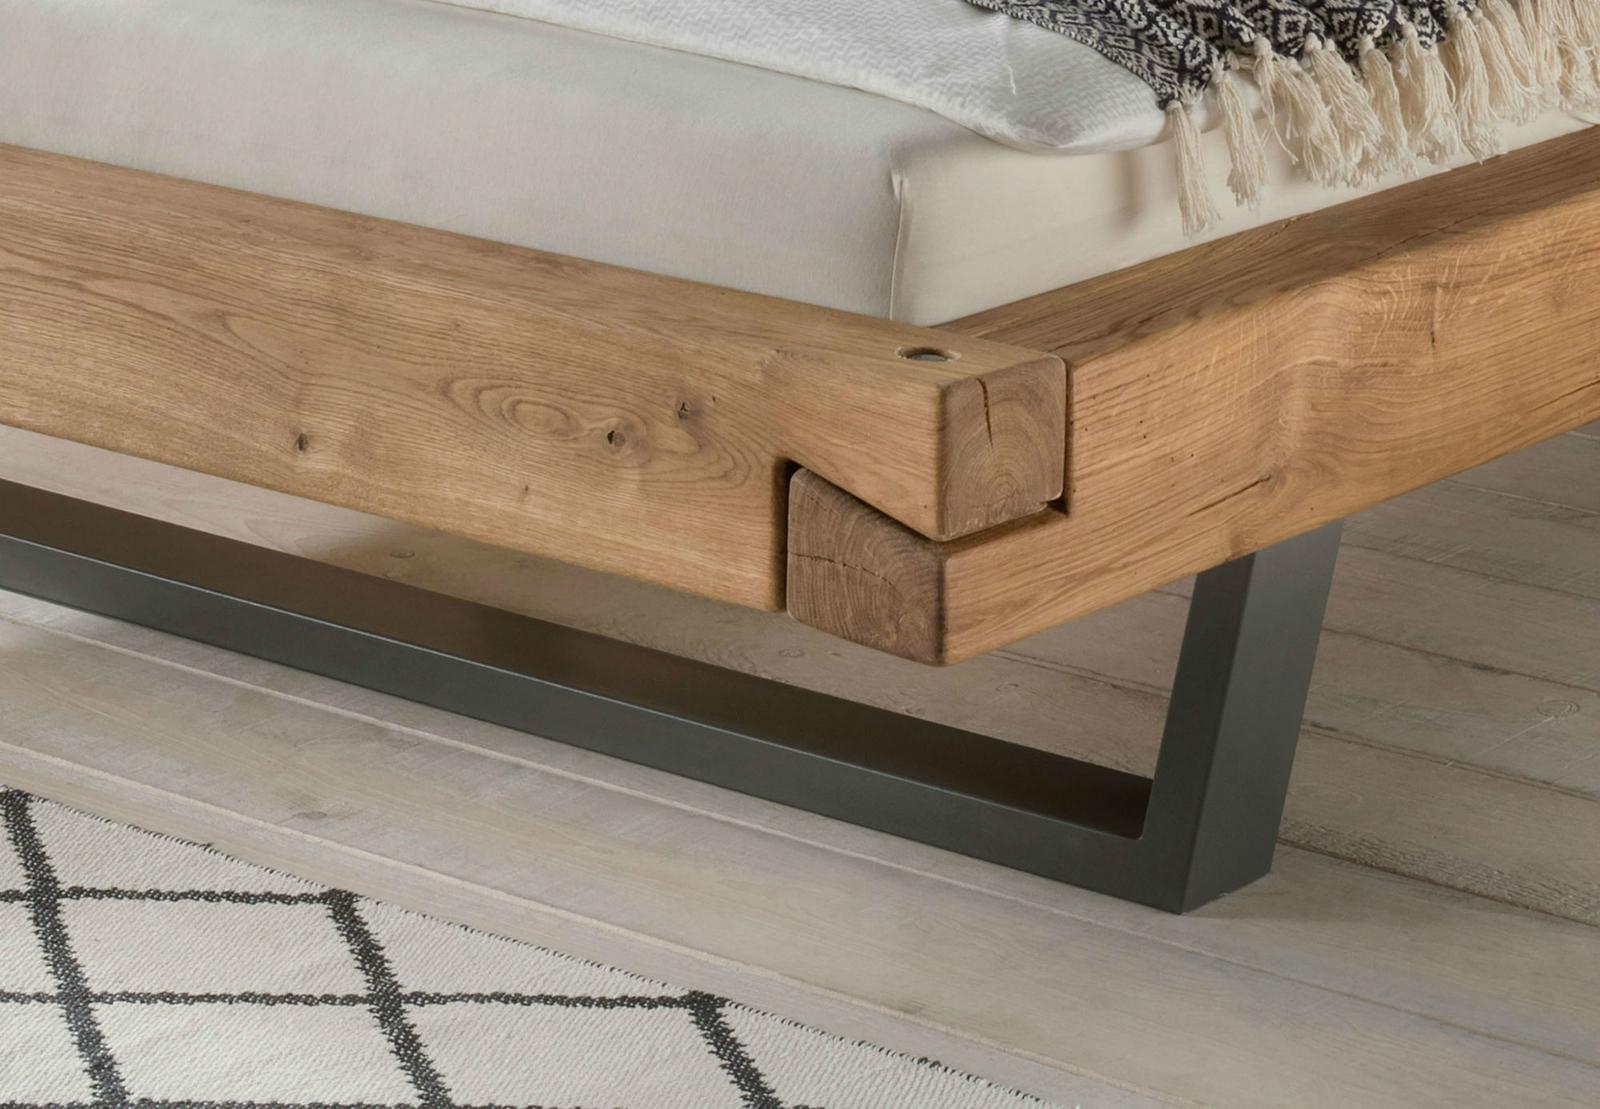 Schwebebalkenbett Wildeiche Massivholz mit Metallgestell, Bild 6